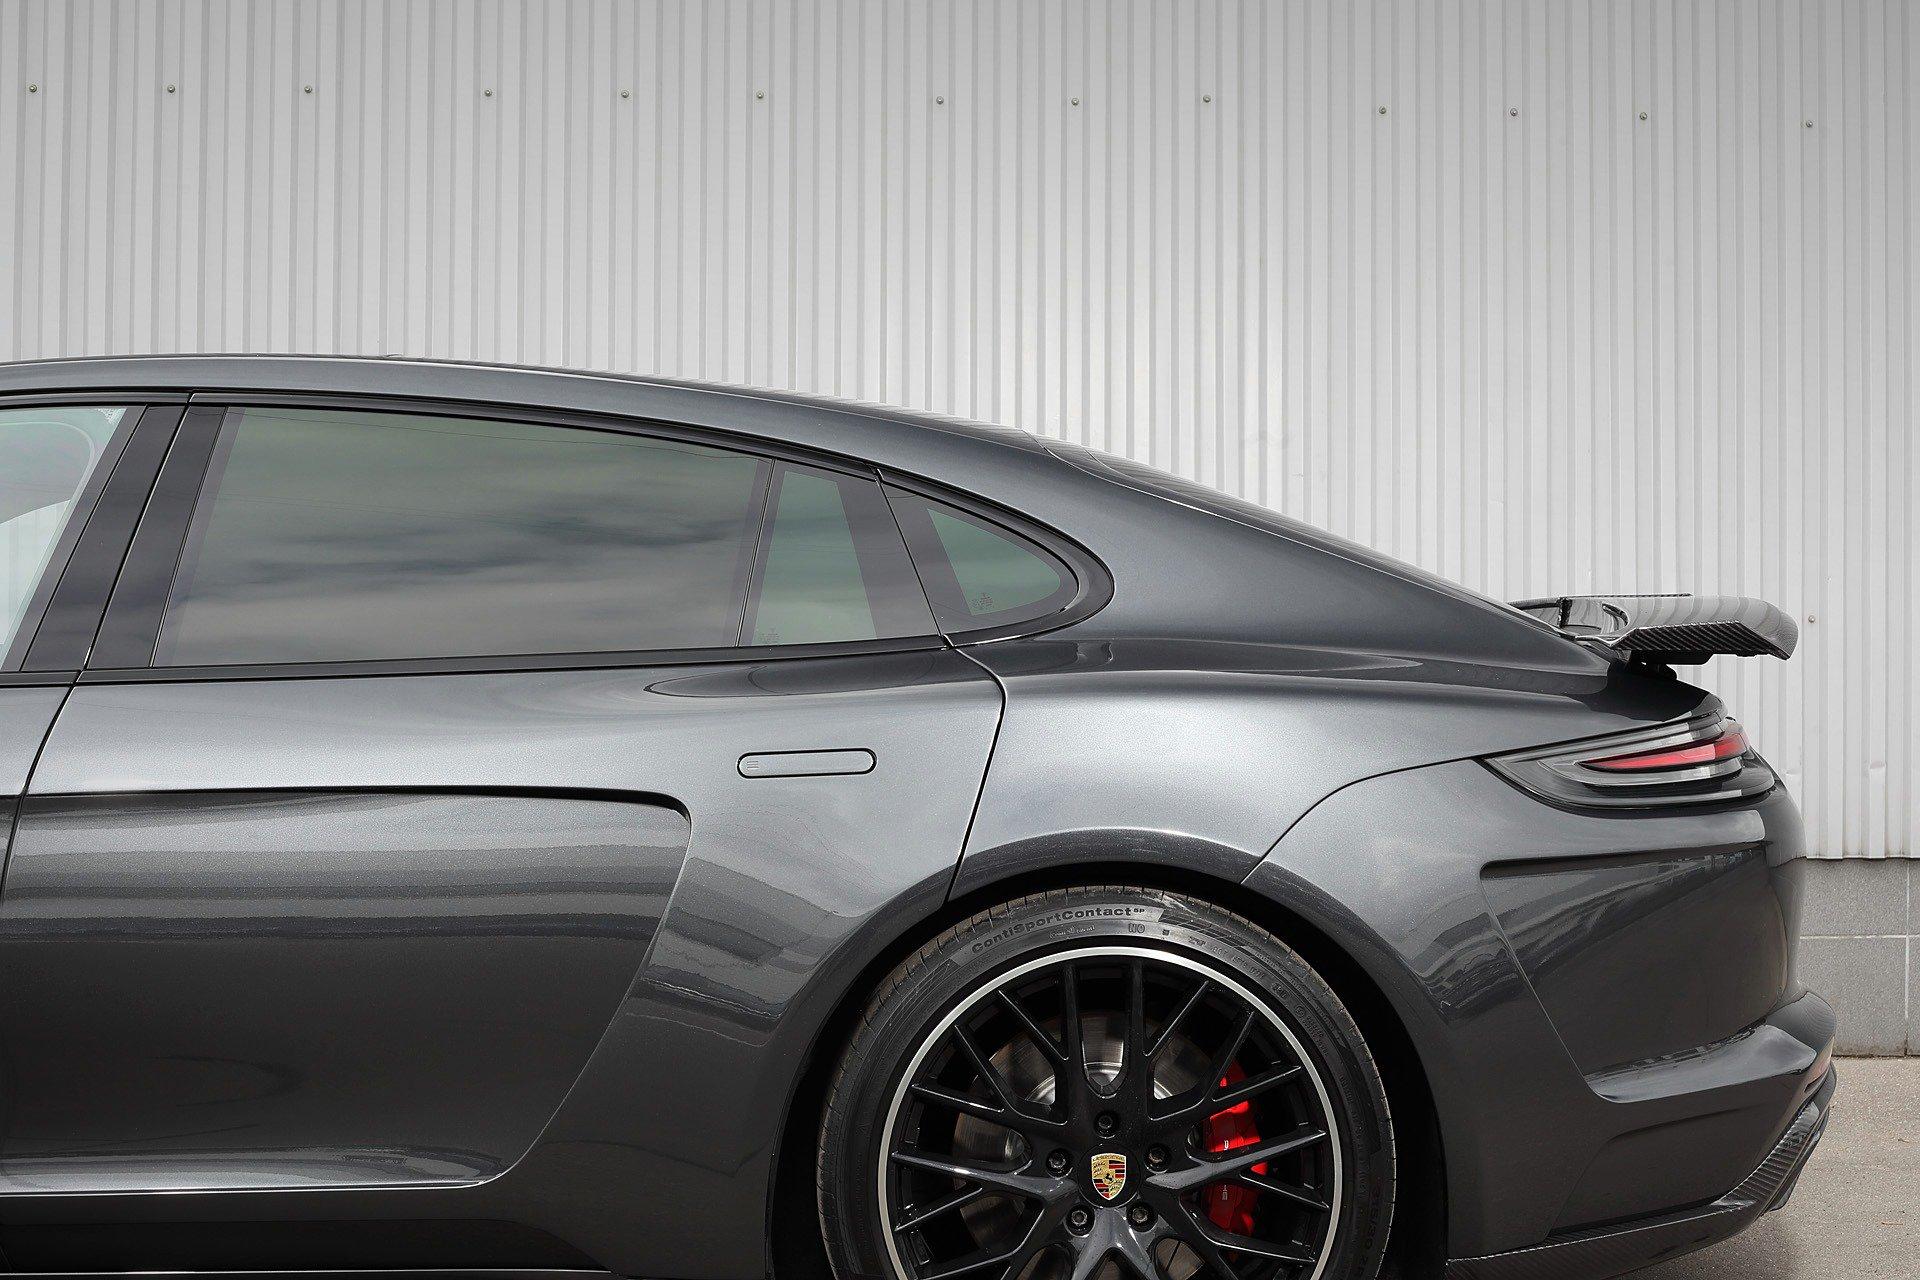 Porsche-Panamera-LWB-by-TopCar-11